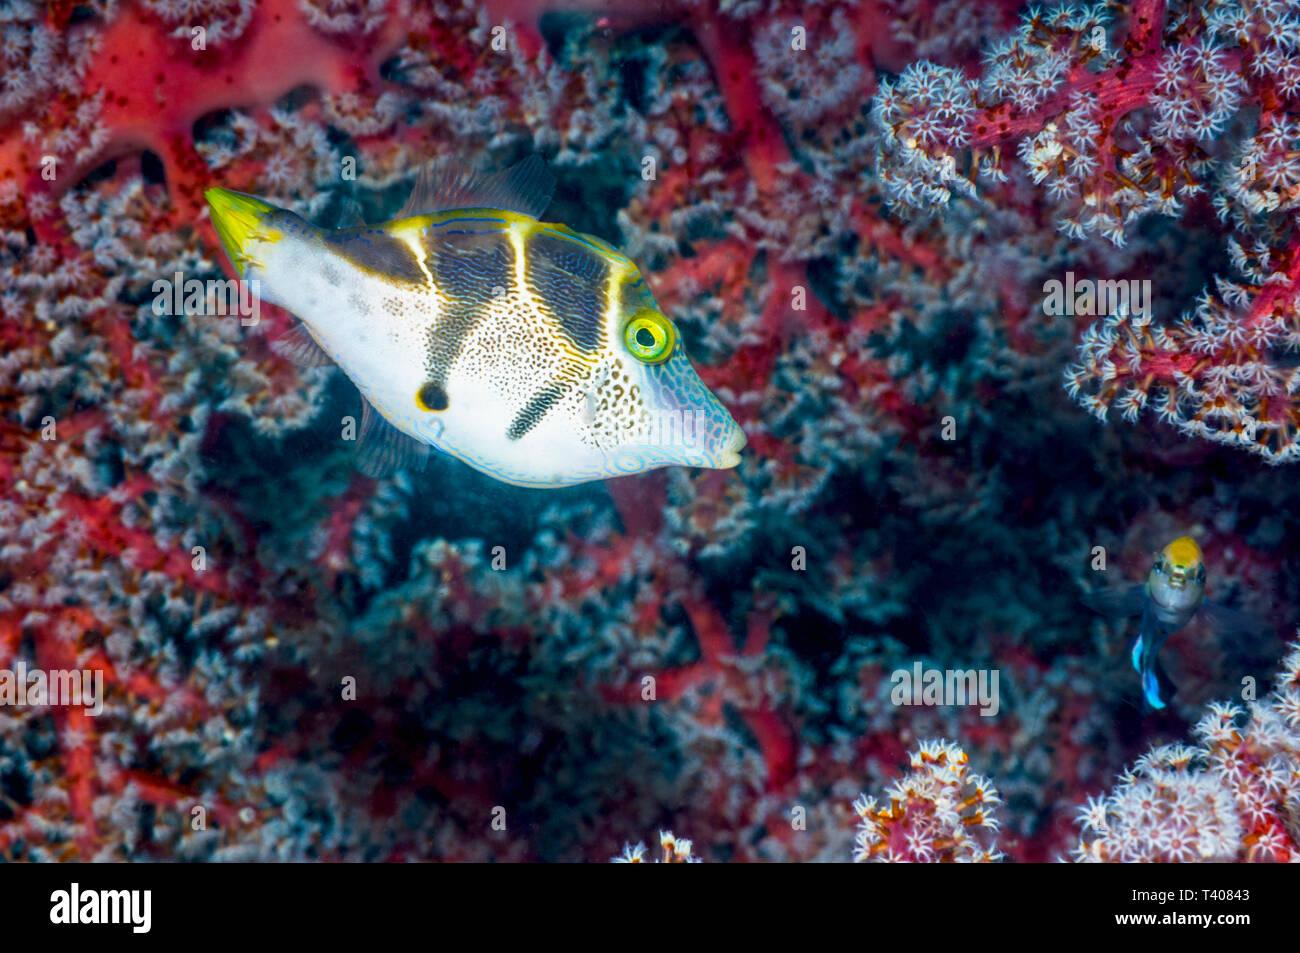 Mimic filefish [Paraluteres prionurus].  Komodo National Park, Indonesia. - Stock Image